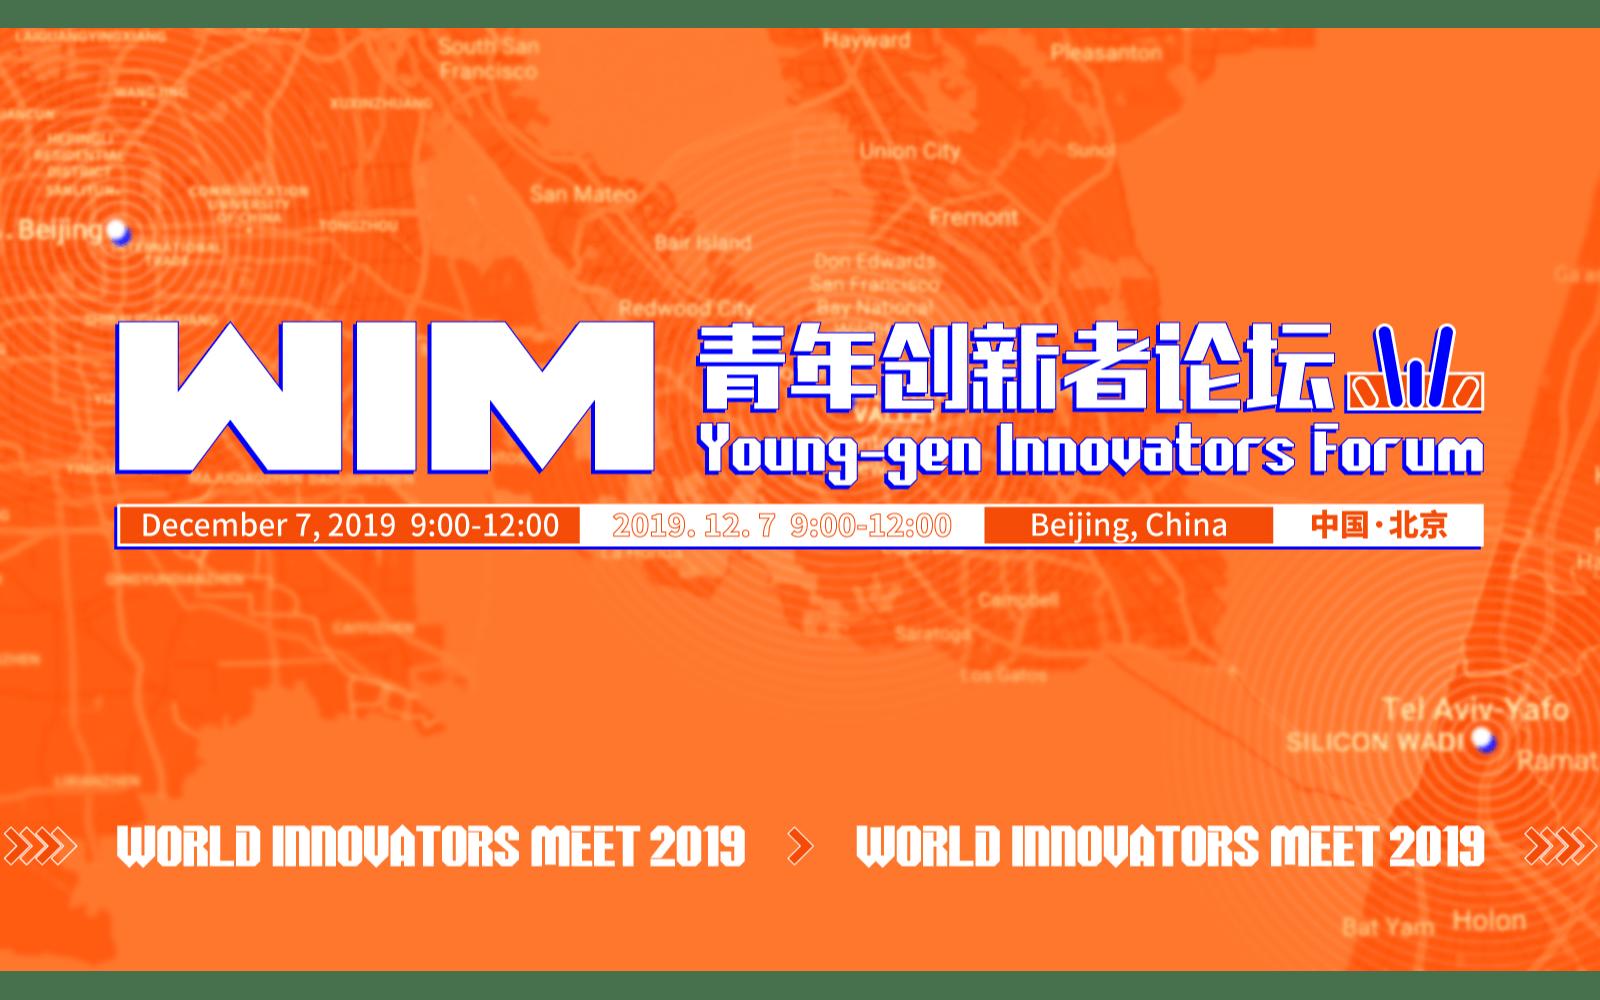 2019世界创新者年会-青年创新者论坛(北京)